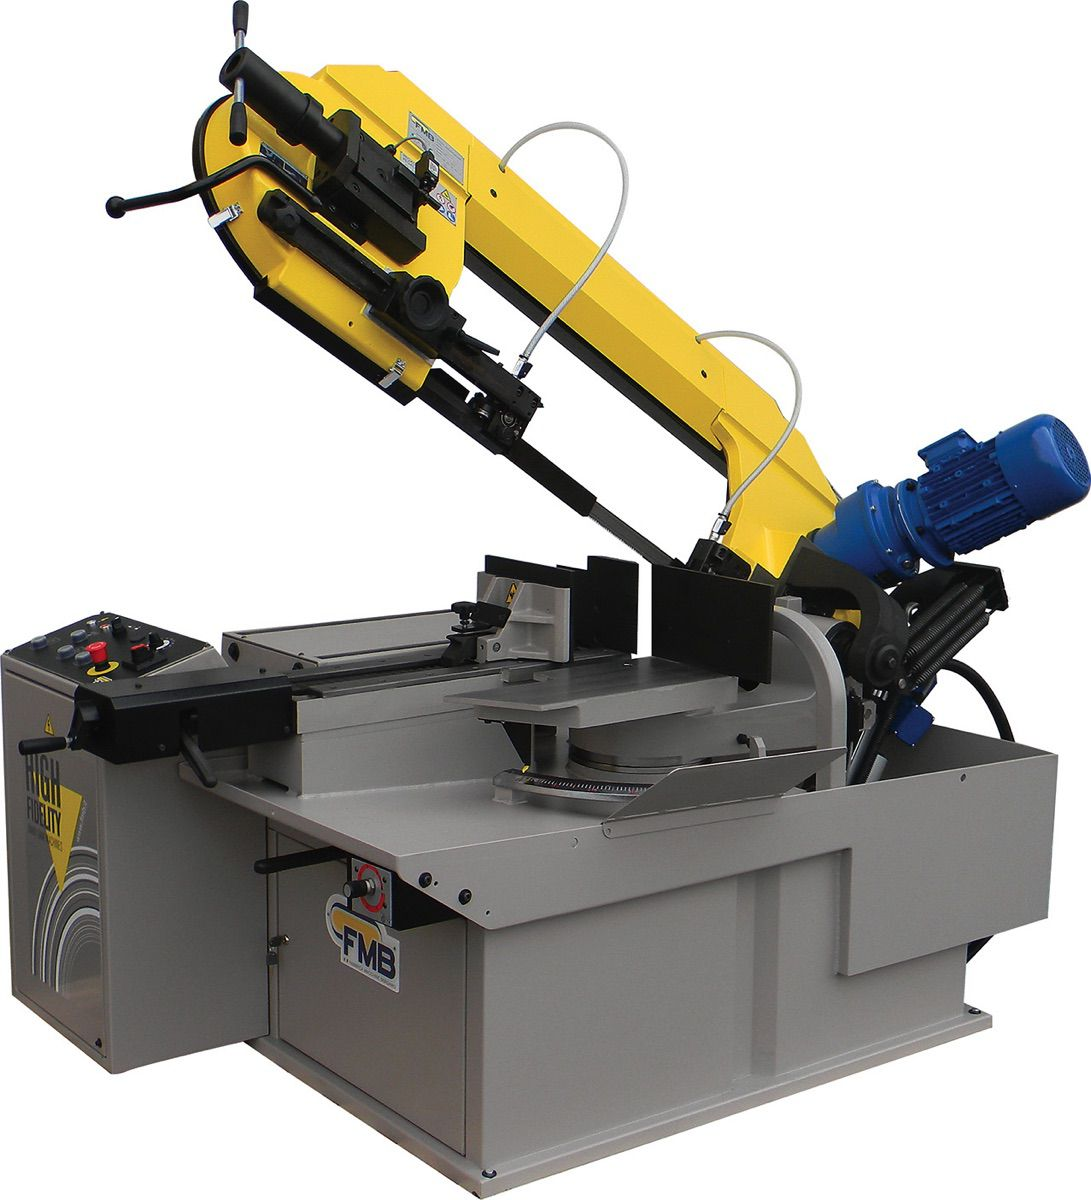 fmb pegasus gvhz handautomatische lintzaagmachine met zakcilinder